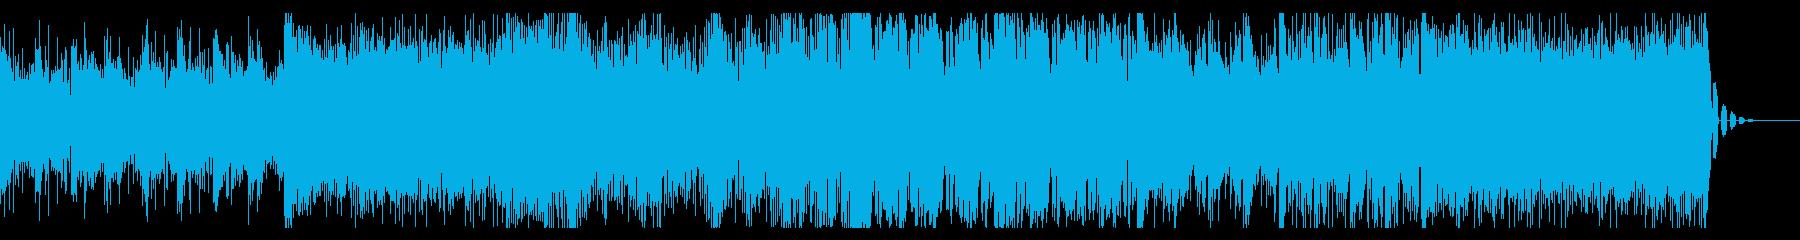 壮大さのあるシネマティックBGMの再生済みの波形